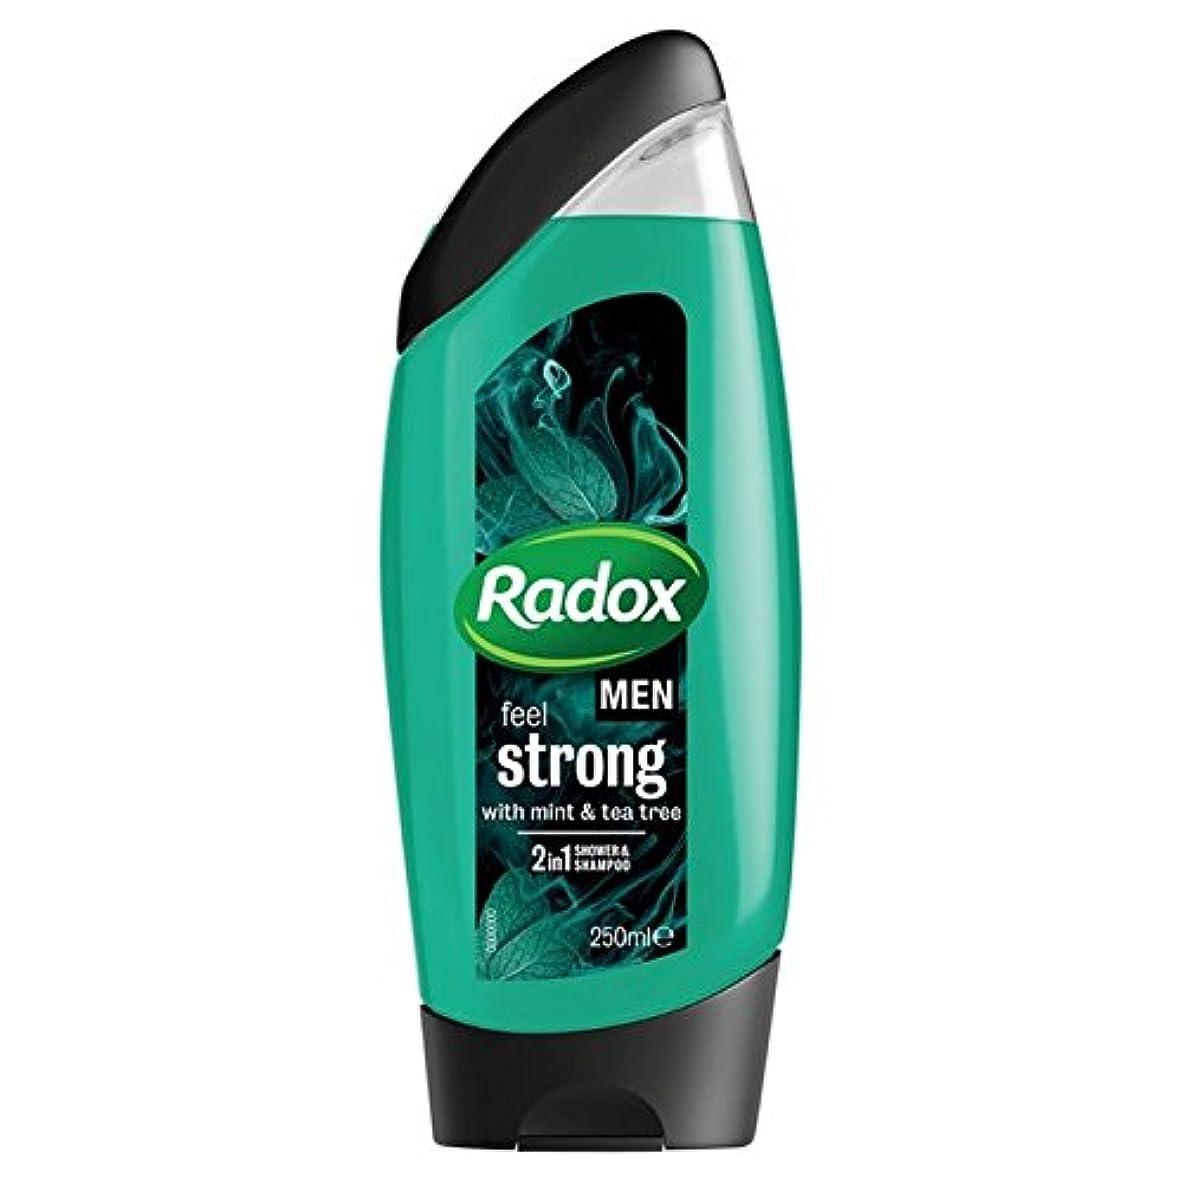 物理クリップ一瞬Radox Men Feel Strong Mint & Tea Tree 2in1 Shower Gel 250ml (Pack of 6) - 男性は、強力なミント&ティーツリーの21のシャワージェル250ミリリットルを感じます x6 [並行輸入品]